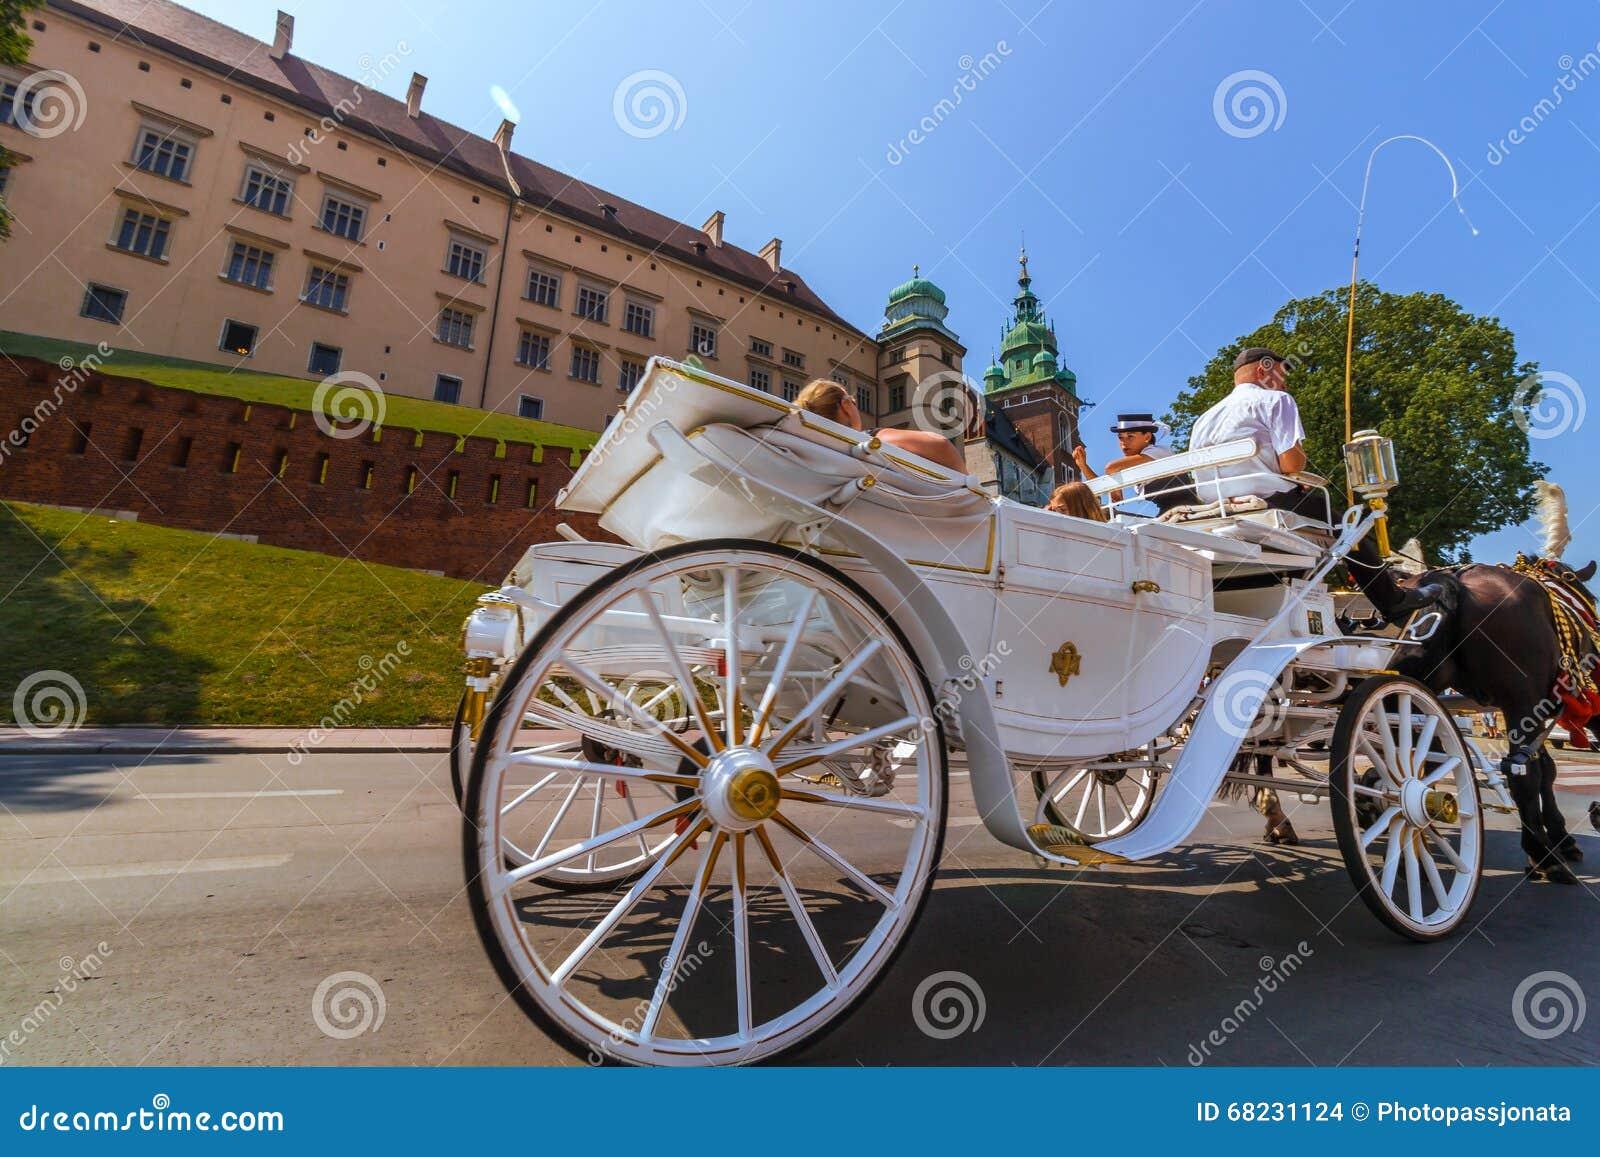 Krakowski (Krakow) - Polska końska kareciana wycieczka turysyczna Wawel kasztel